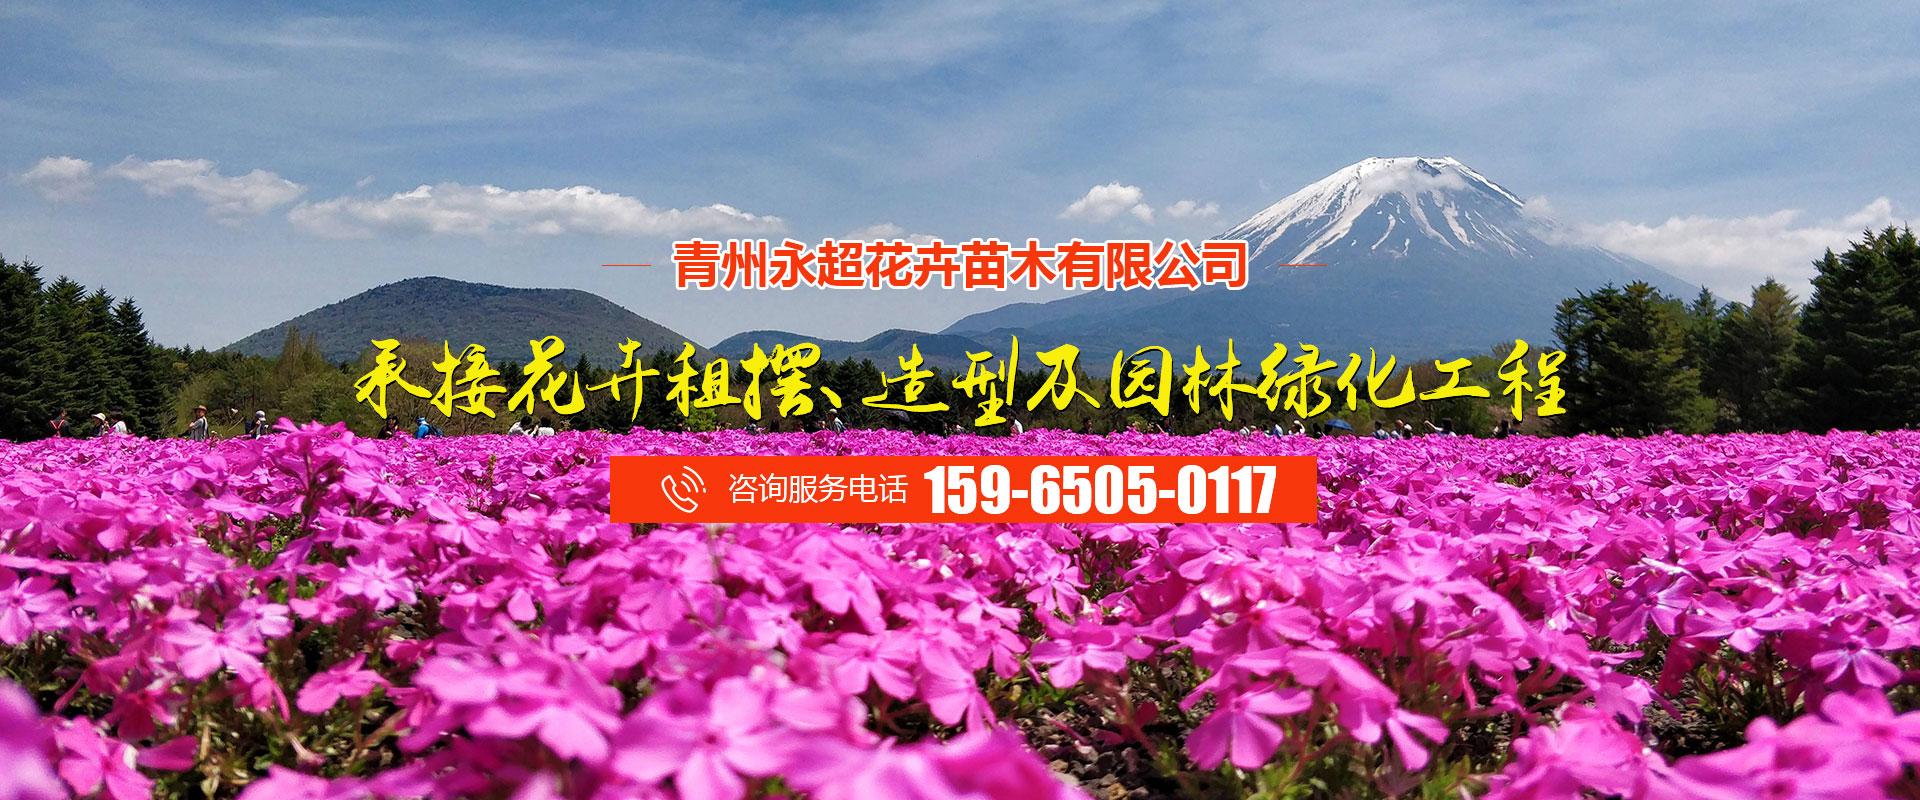 青州永超花卉苗木有限公司